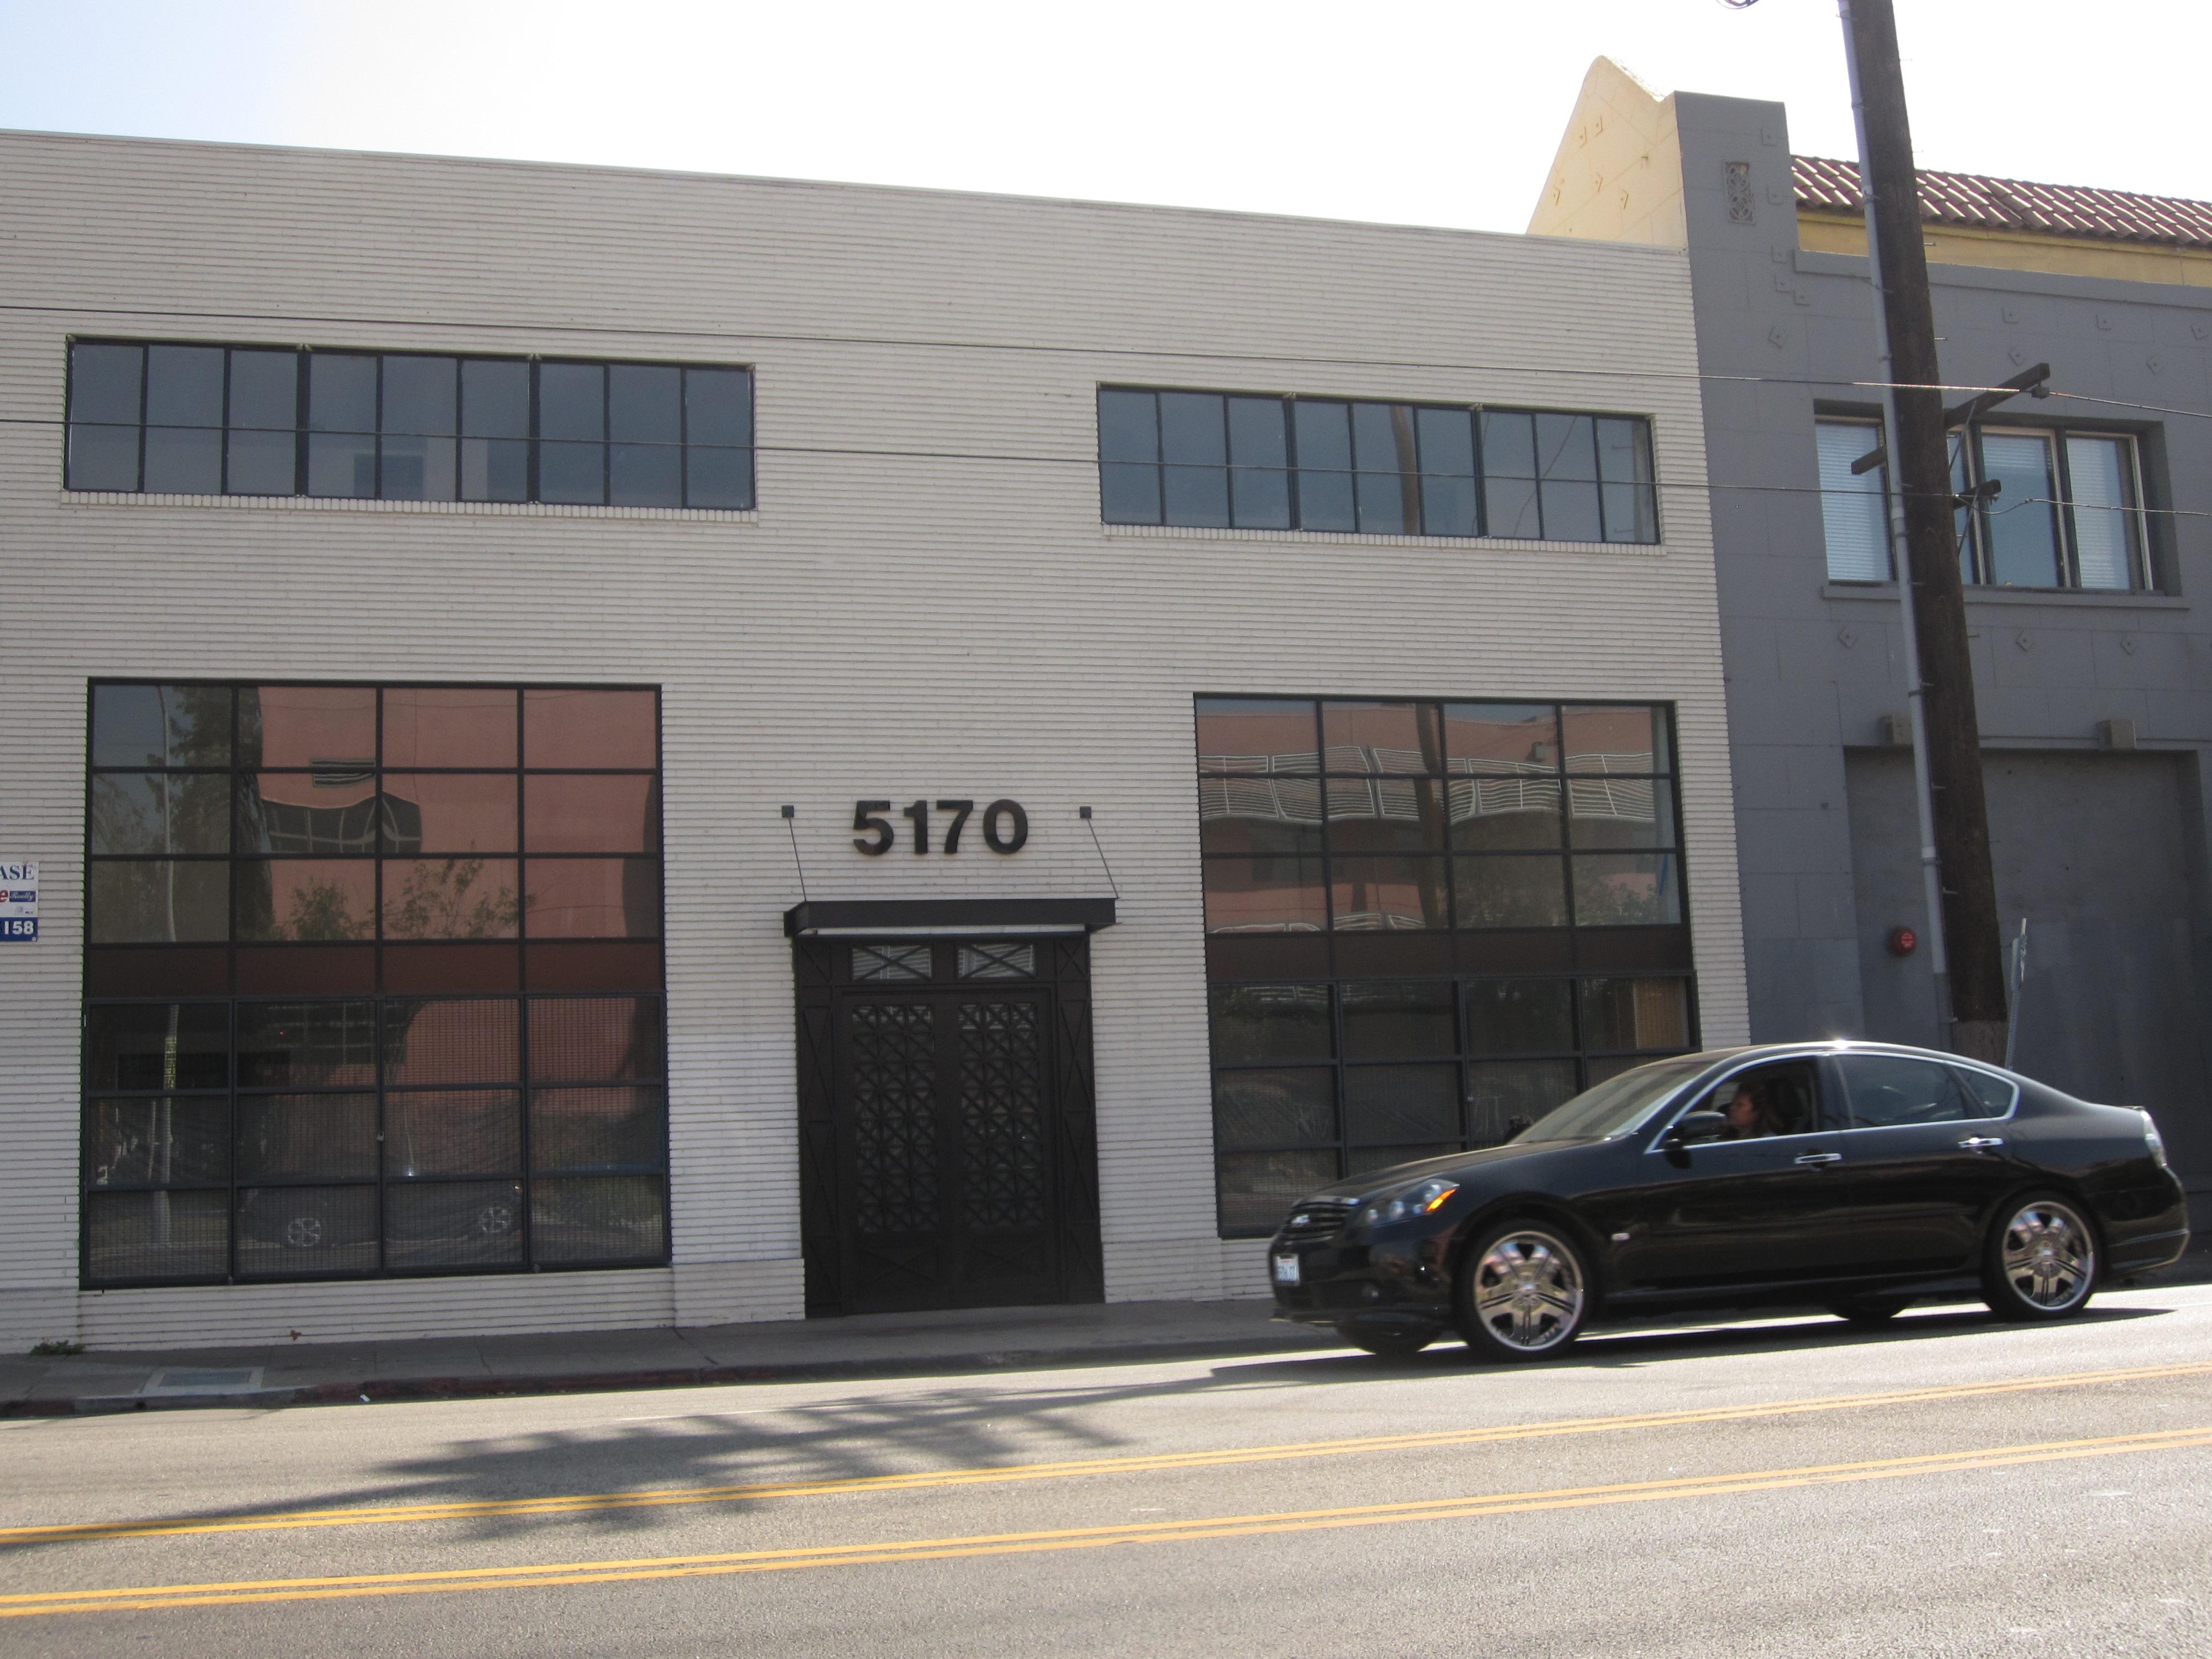 5170 Santa Monica Blvd